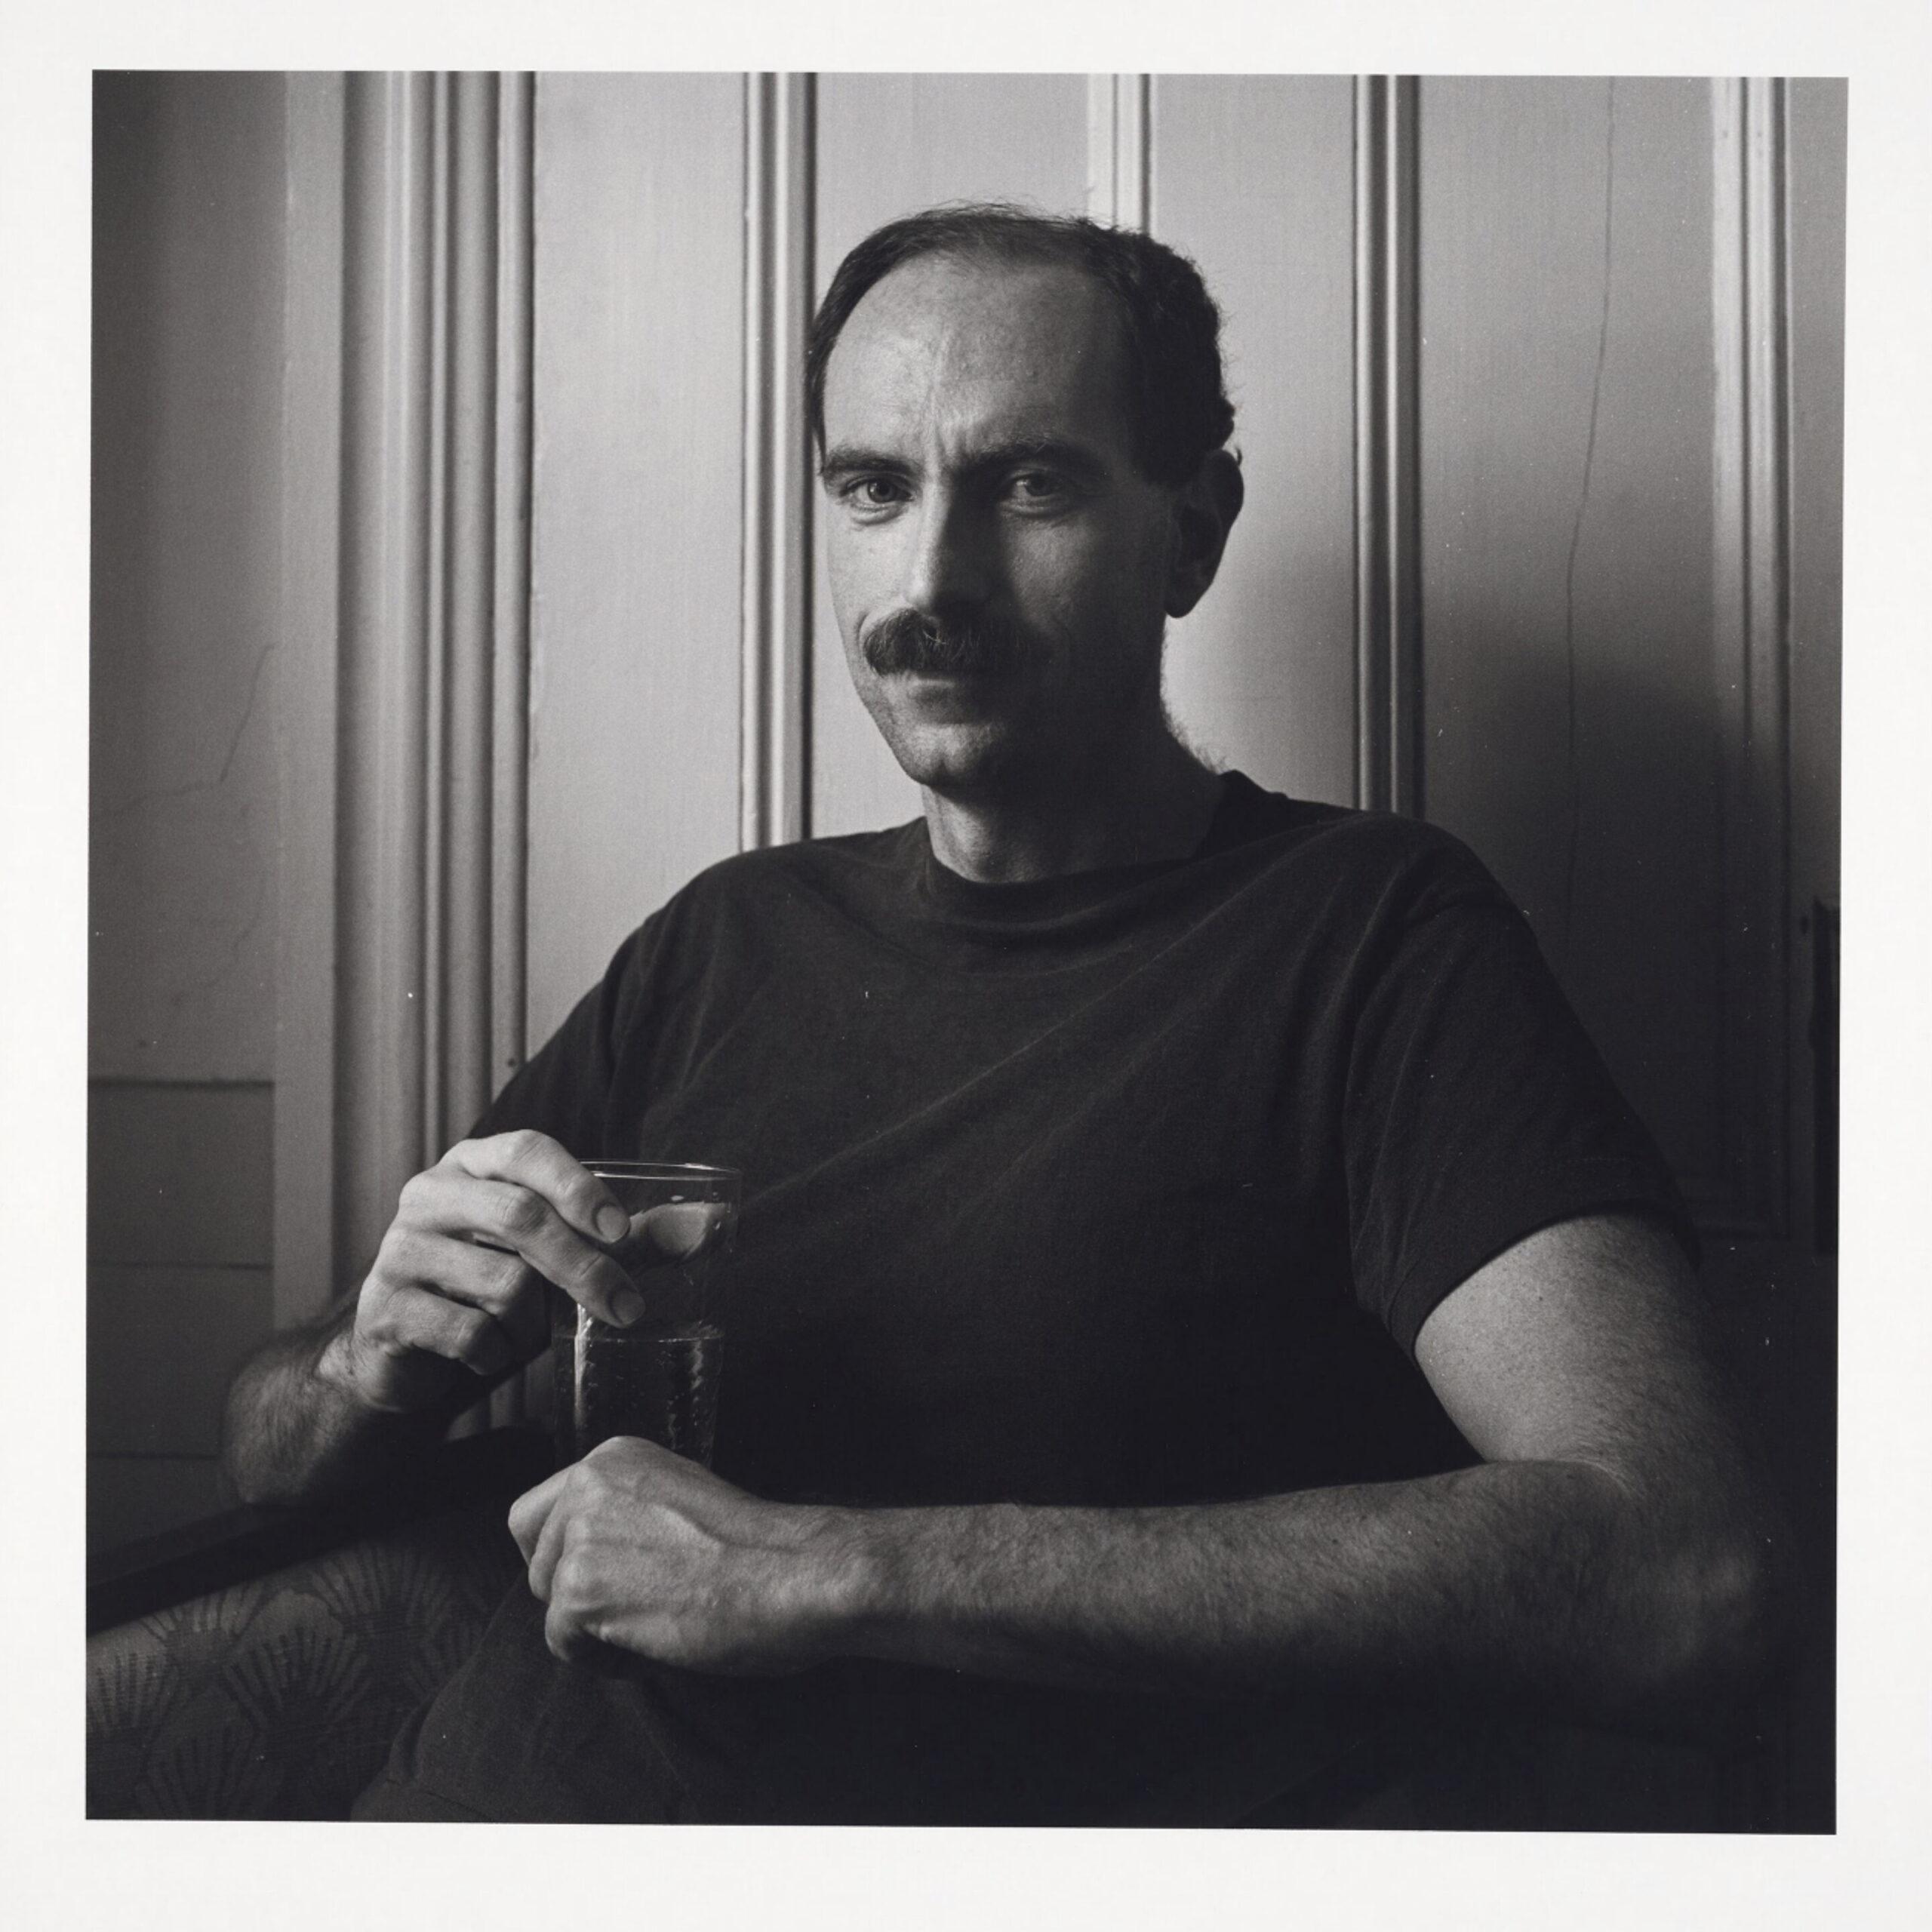 David Halperin, 1992